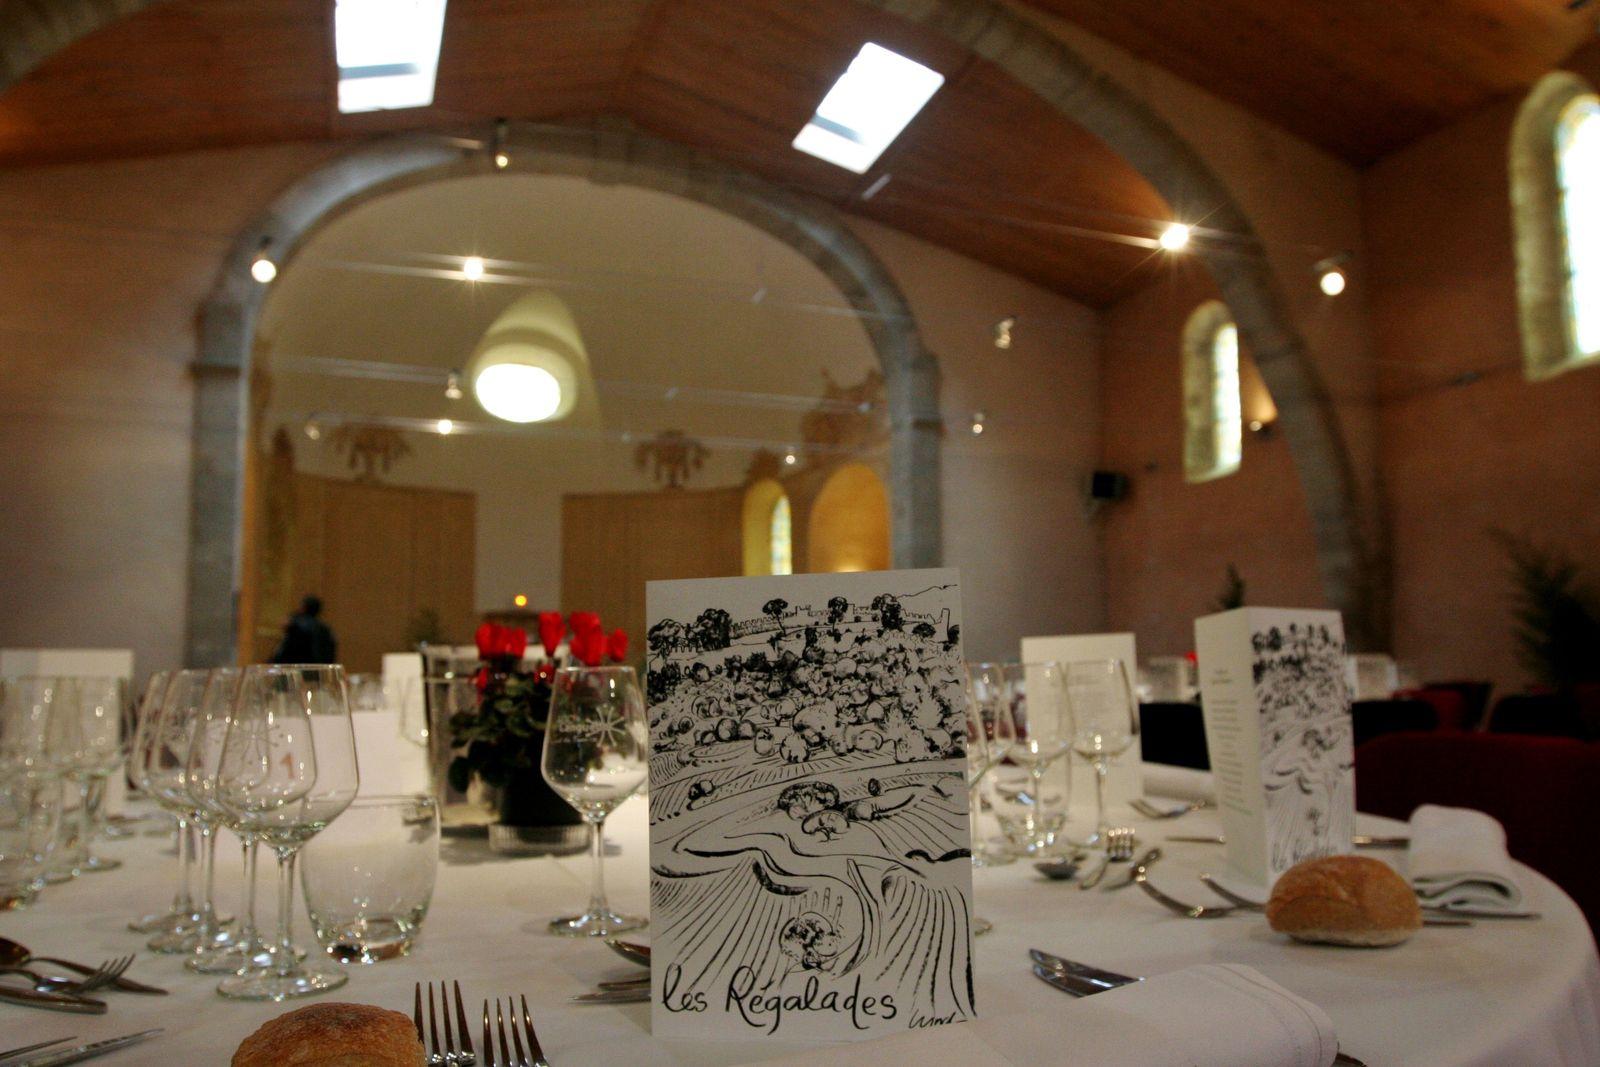 Gaëtan Bouvier devra attendre le printemps prochain pour circuler entre les tables de l'ancienne église de Montpeyroux. (Photos JB)